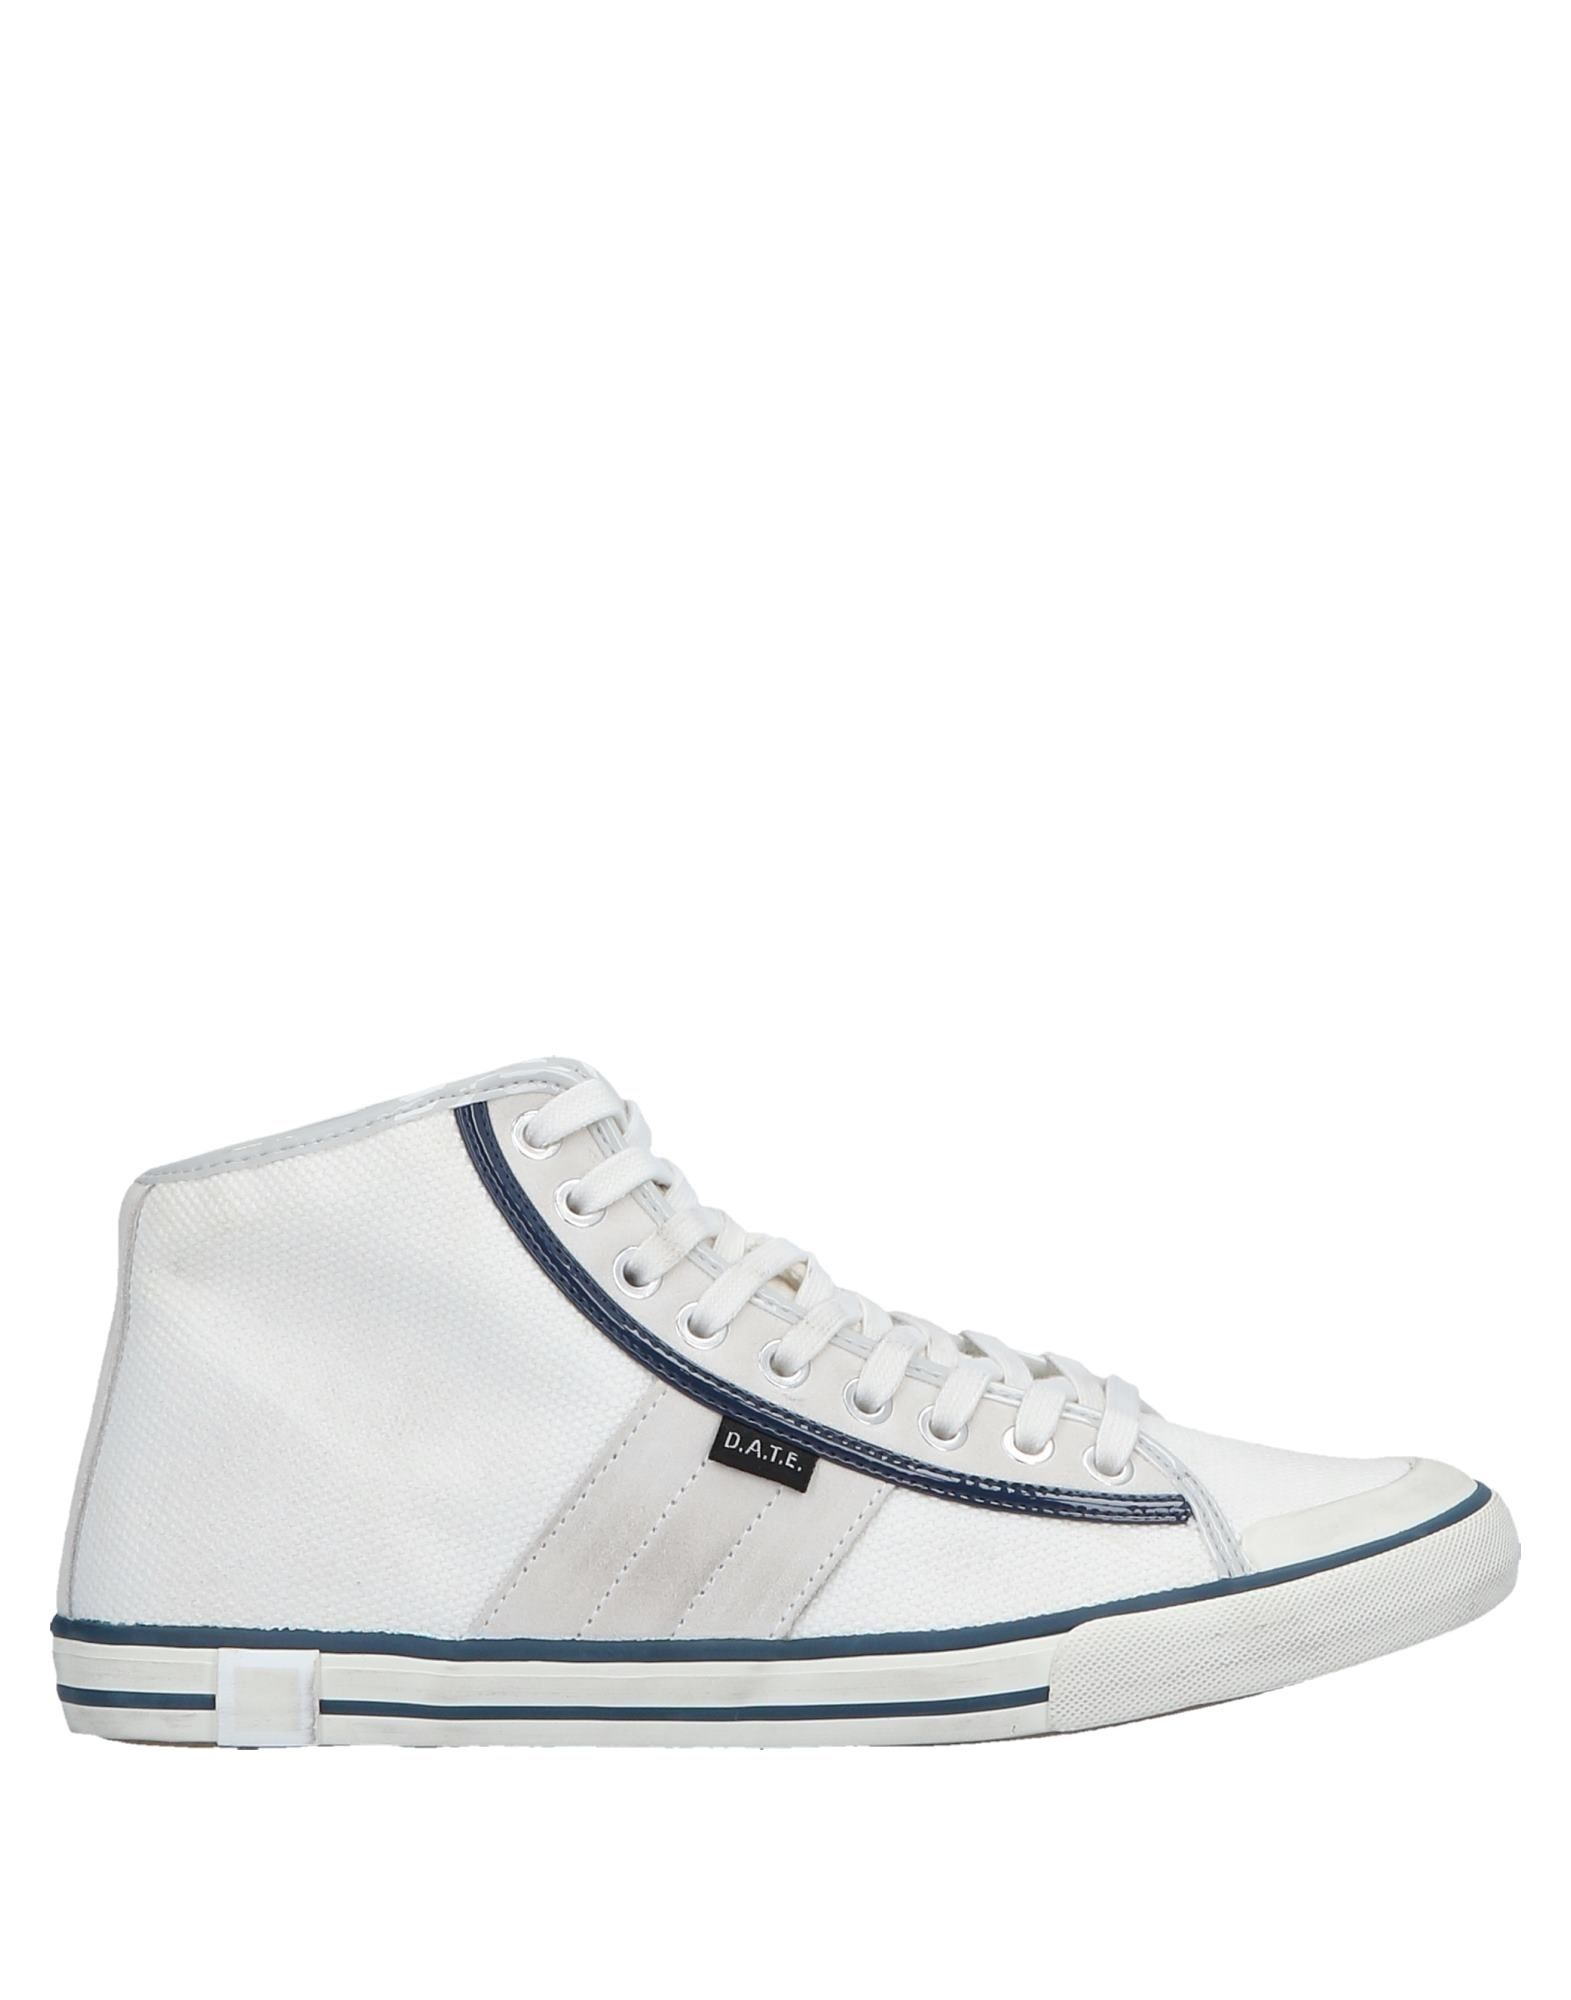 D.A.T.E. Sneakers Damen  11186923TP Gute Qualität beliebte Schuhe